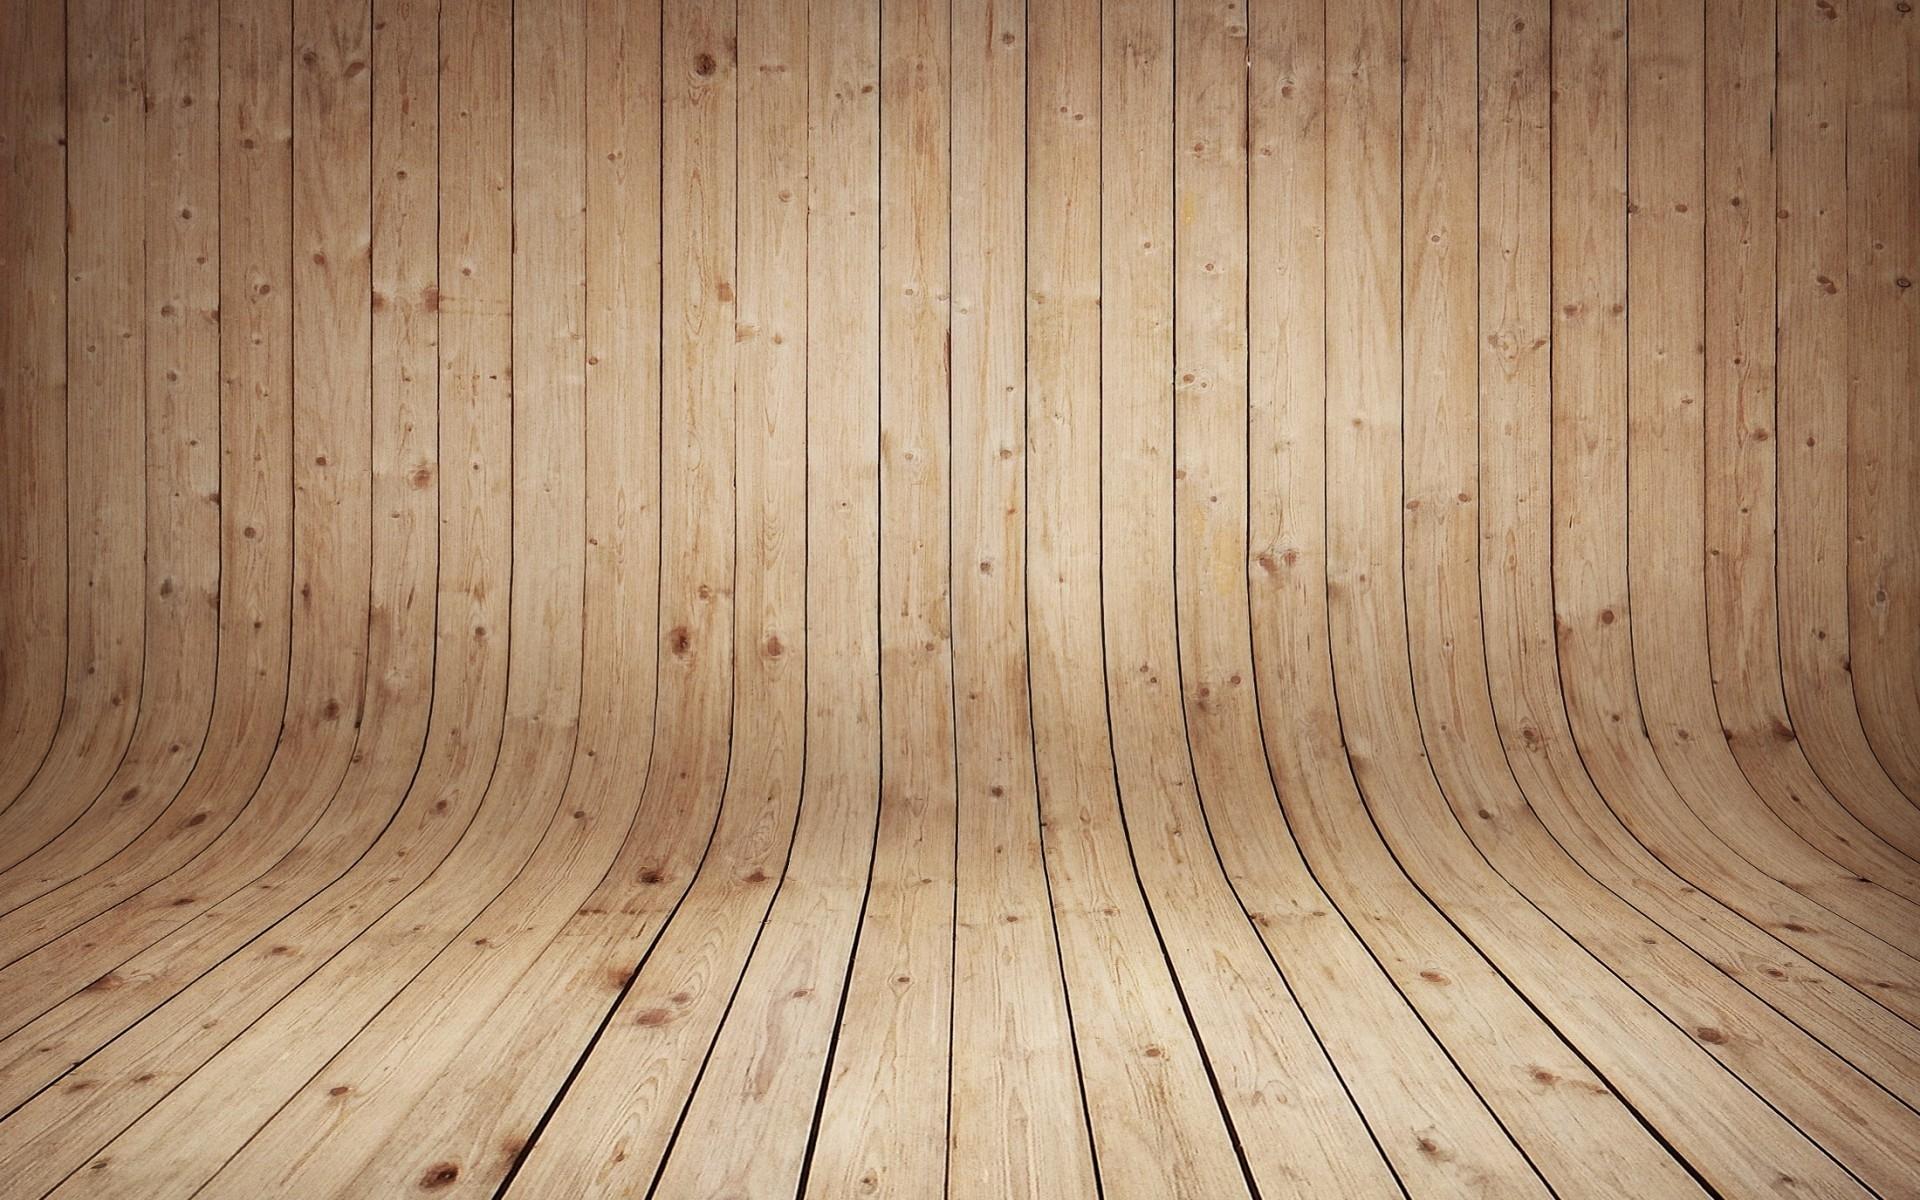 Wooden curved floor wallpaper 24697 1920x1200